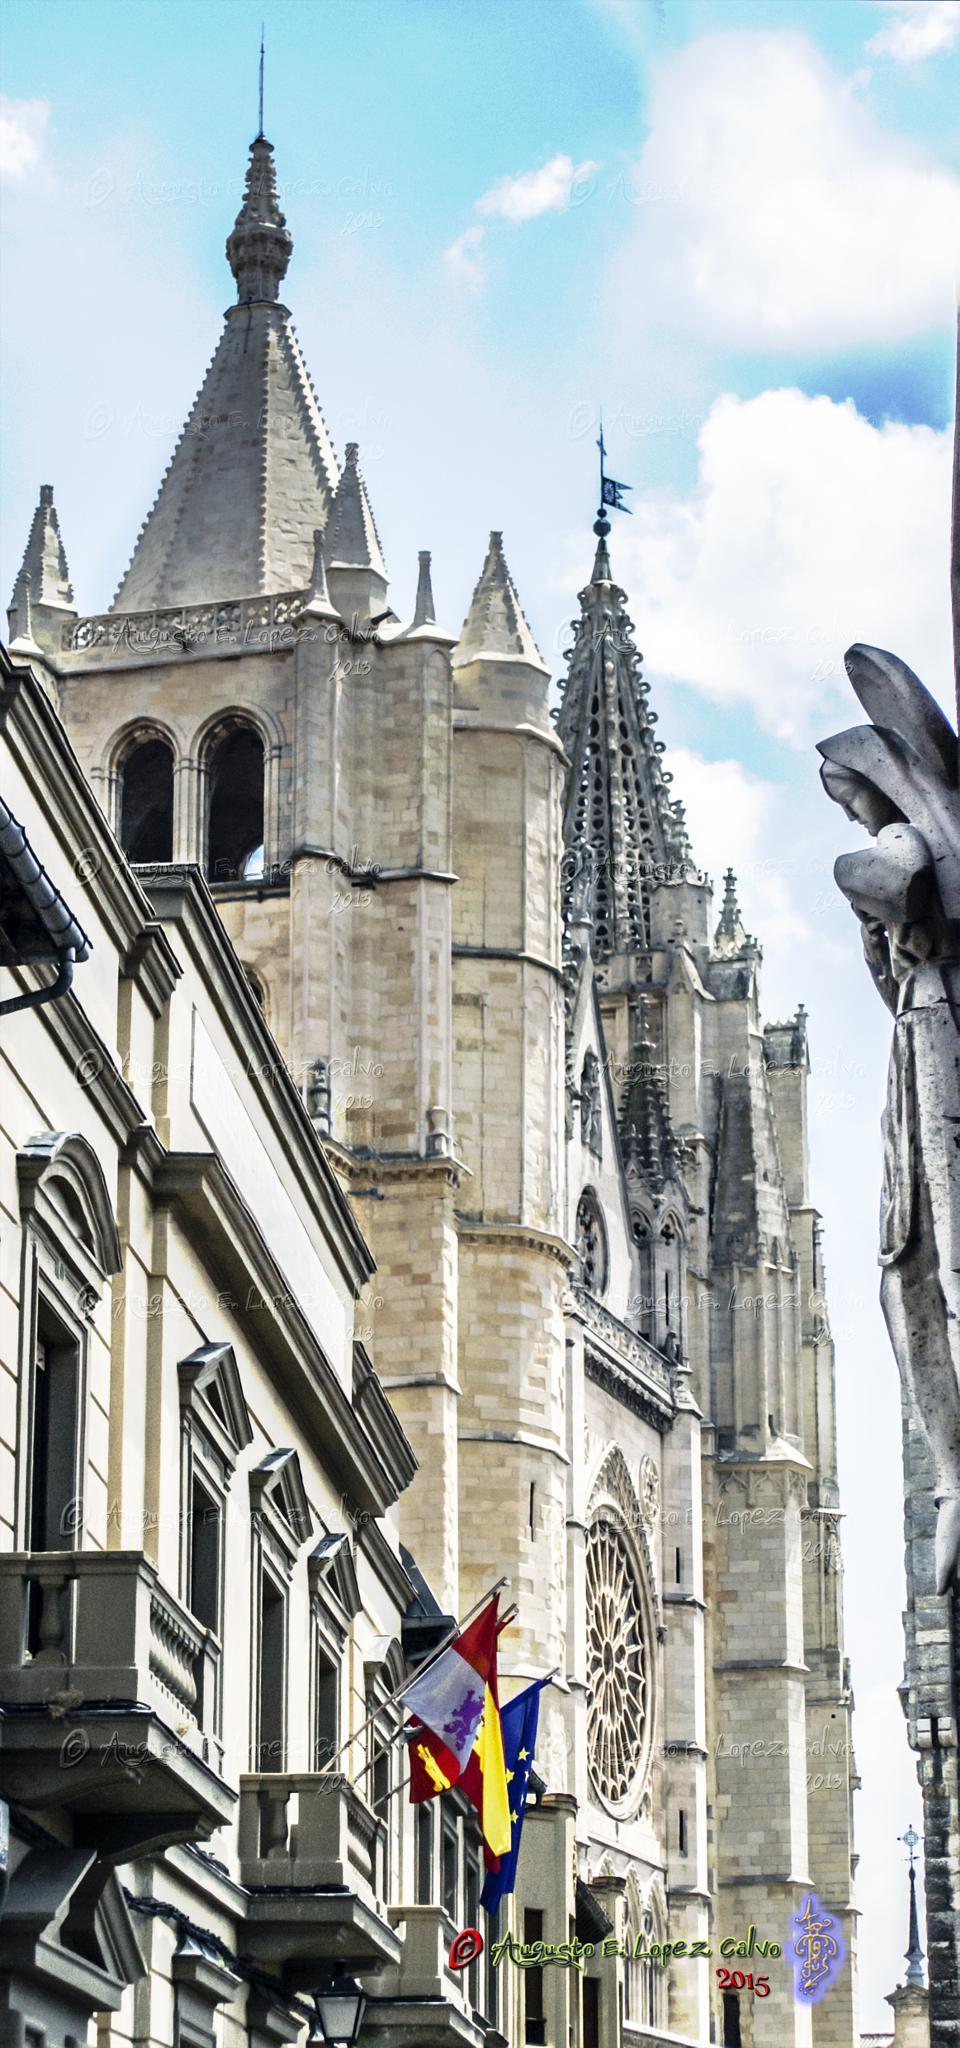 Custodiando la Catedral. León. España. by Augusto E. López Calvo